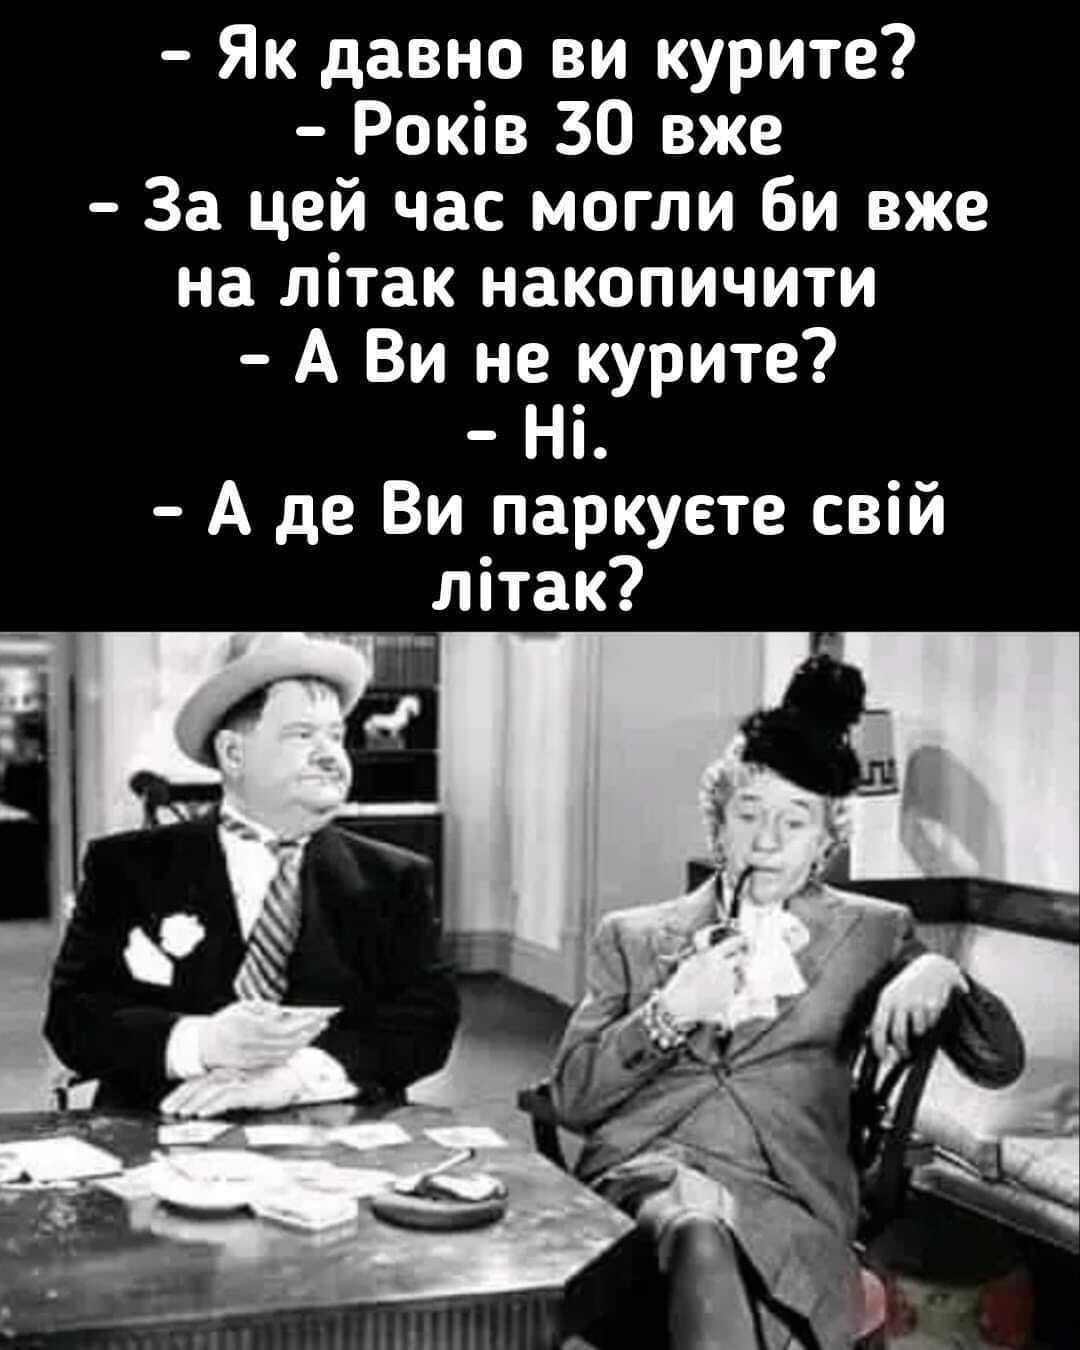 Мем про куріння